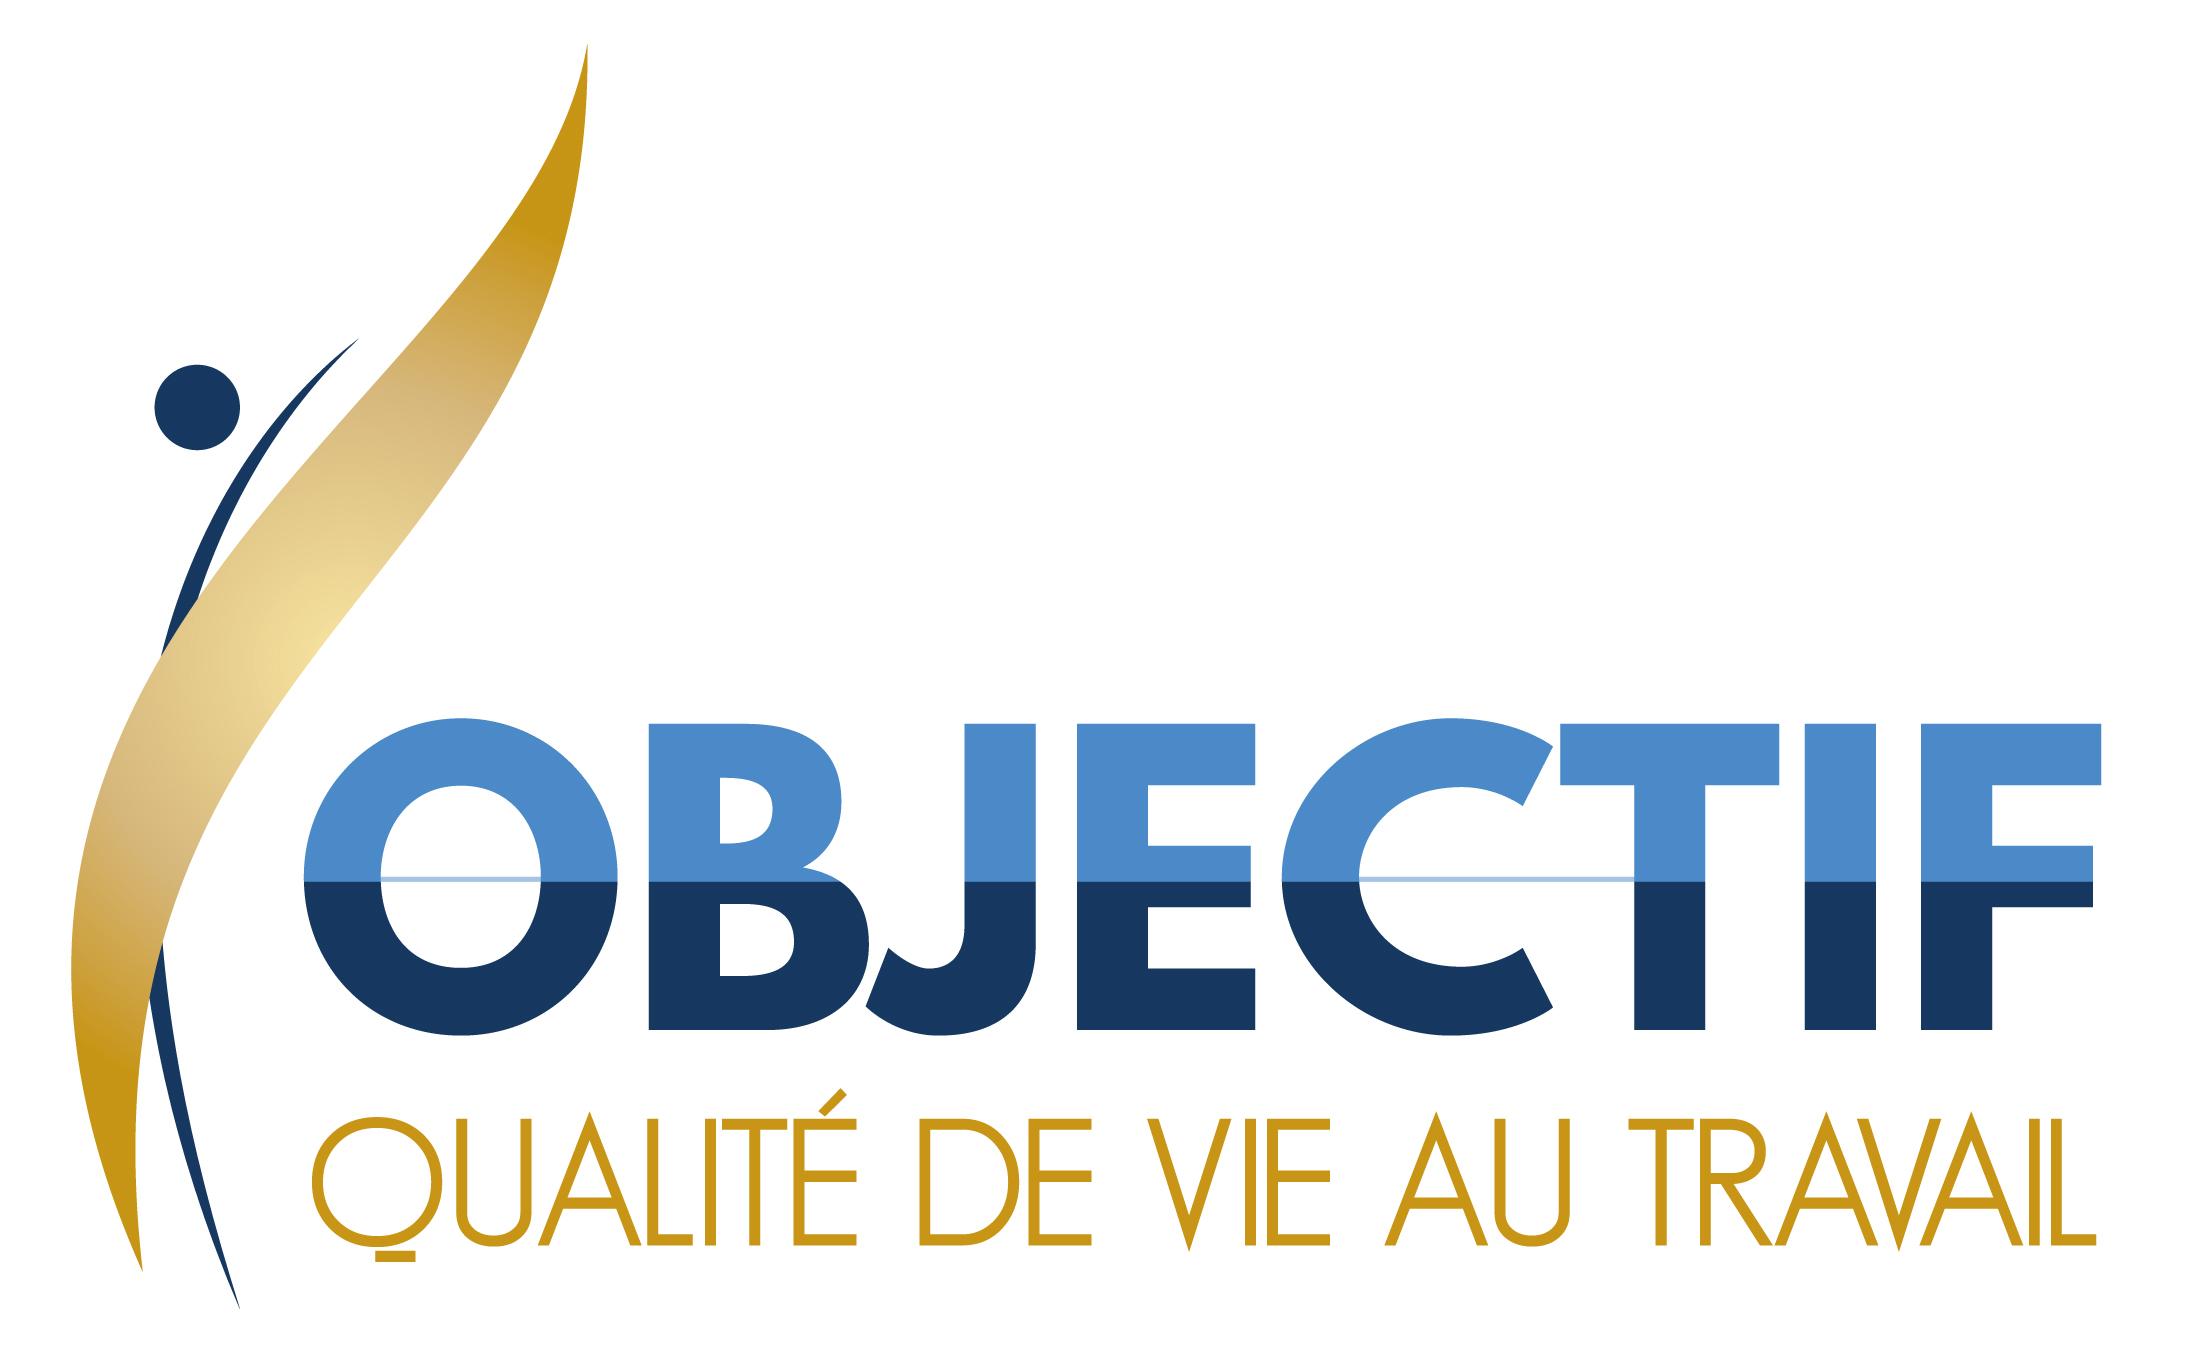 OBJECTIF QUALITE DE VIE AU TRAVAIL